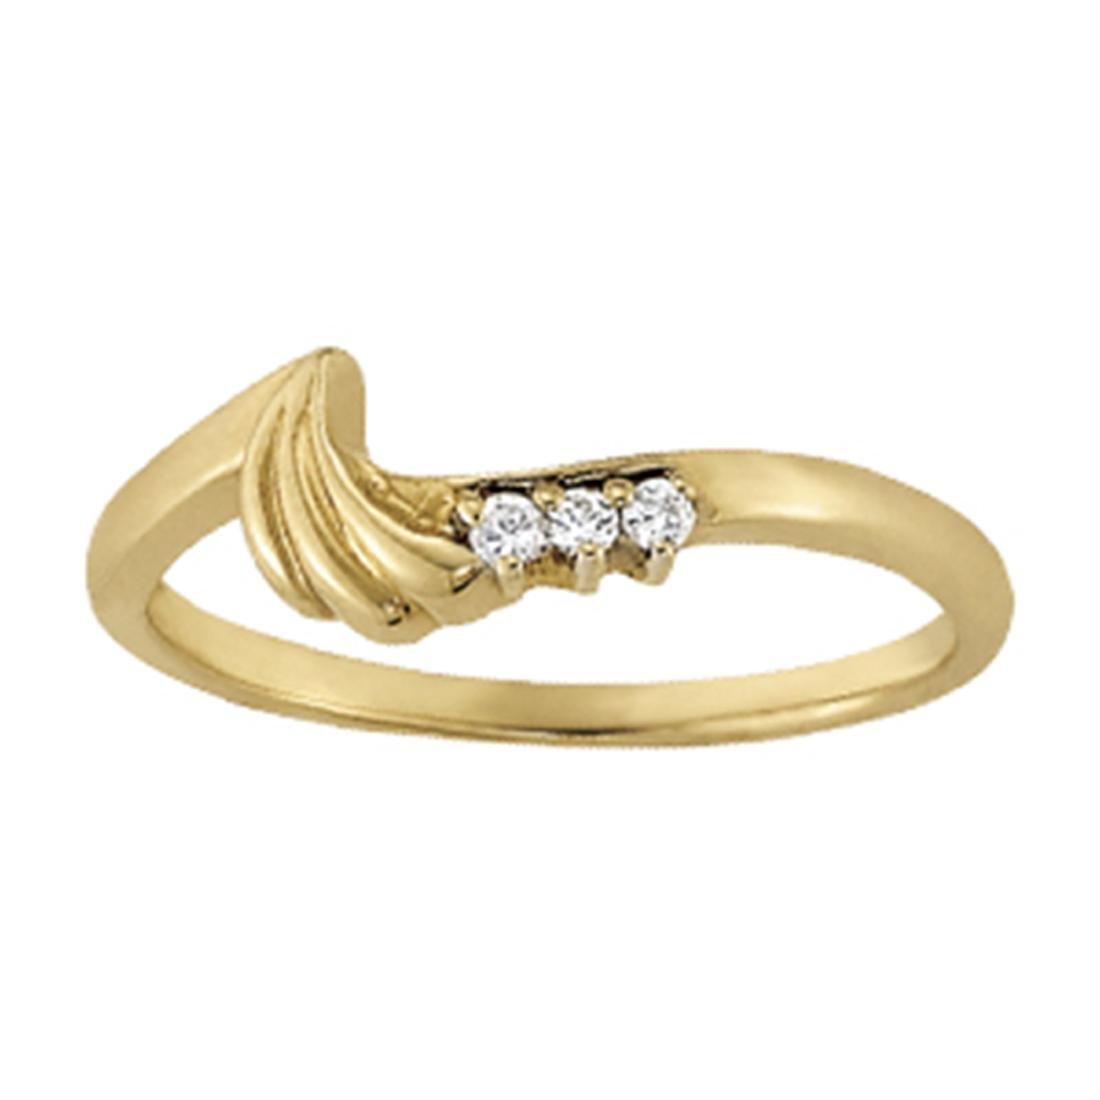 14kt gold 1.76 gram Wedding Bands/Curved Bands